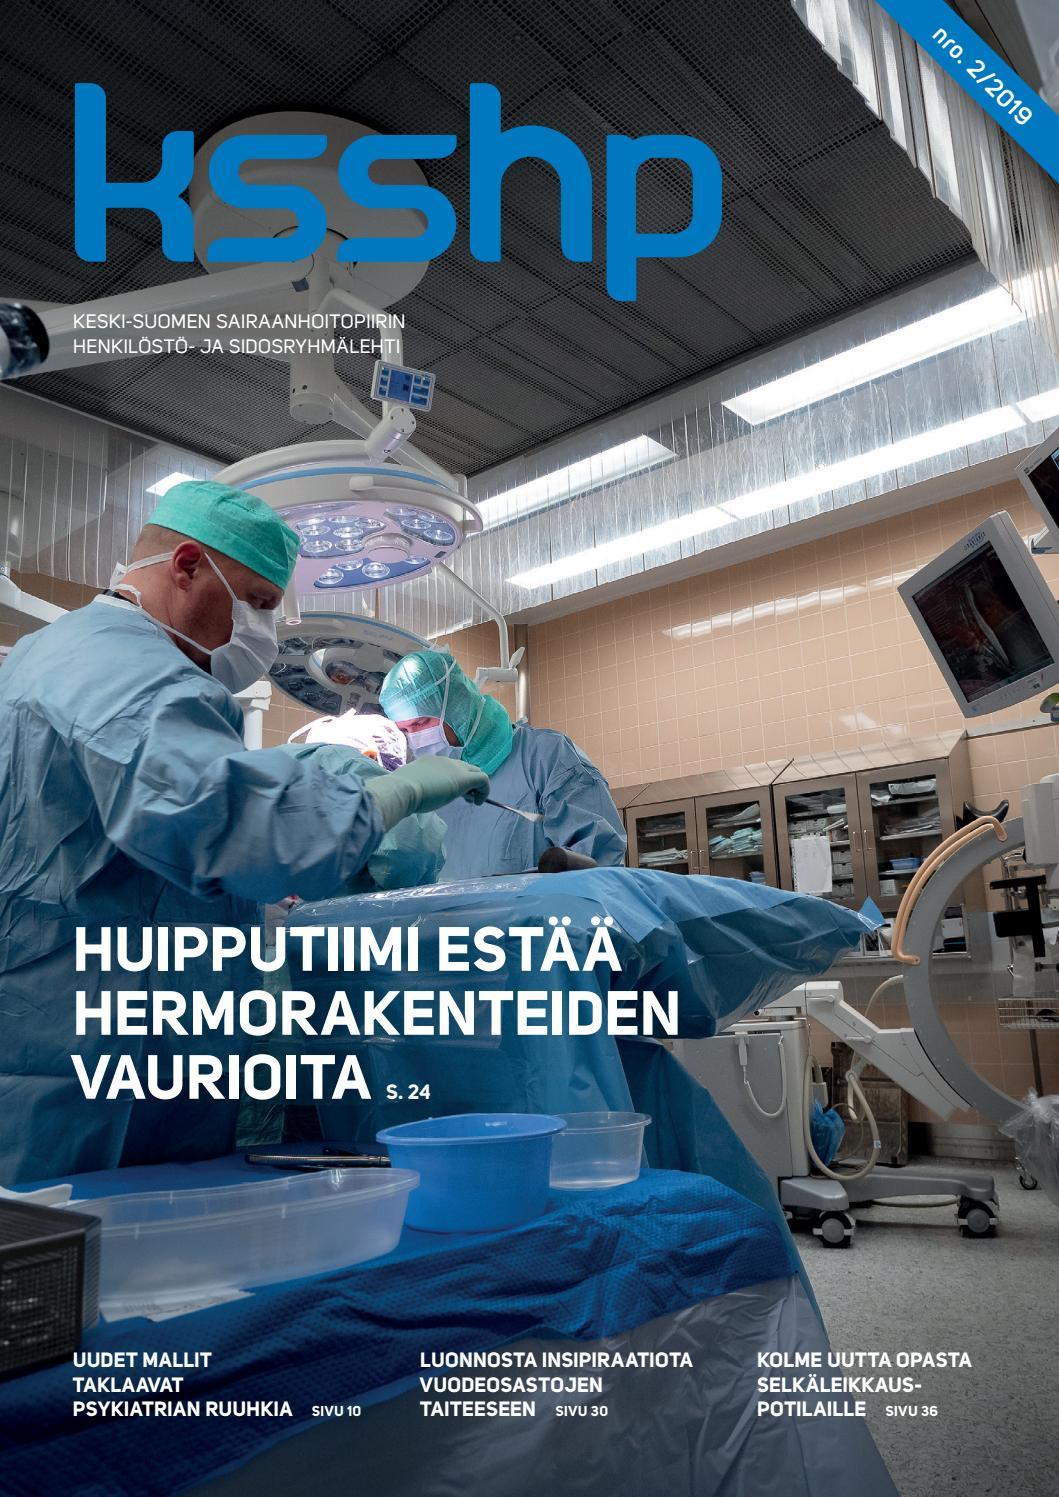 keski suomen keskussairaala päivystys